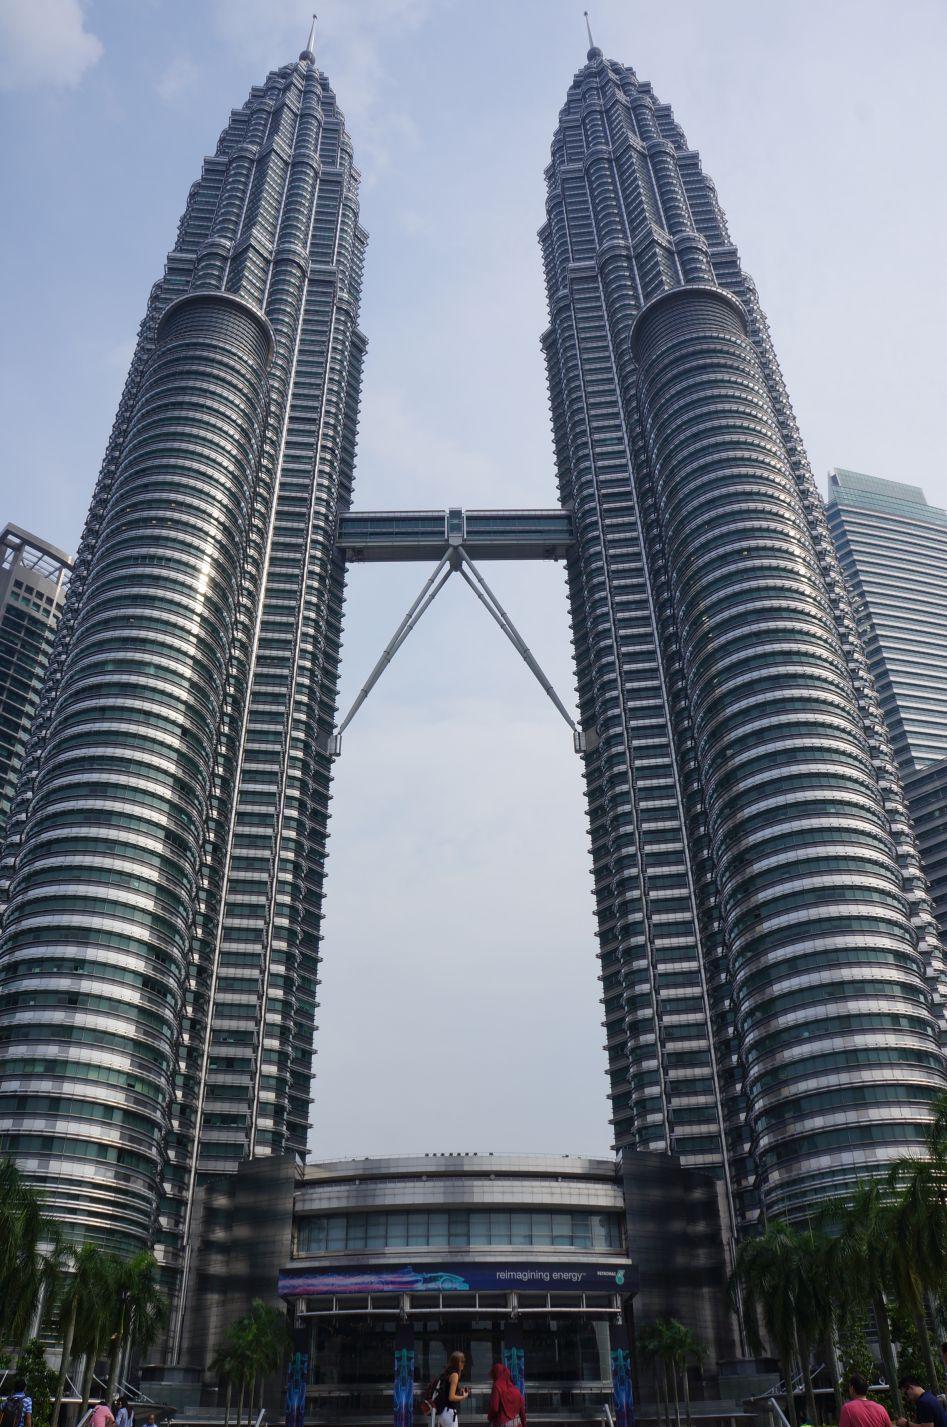 建築当初は世界一高い建築物だったペドロナスタワー。